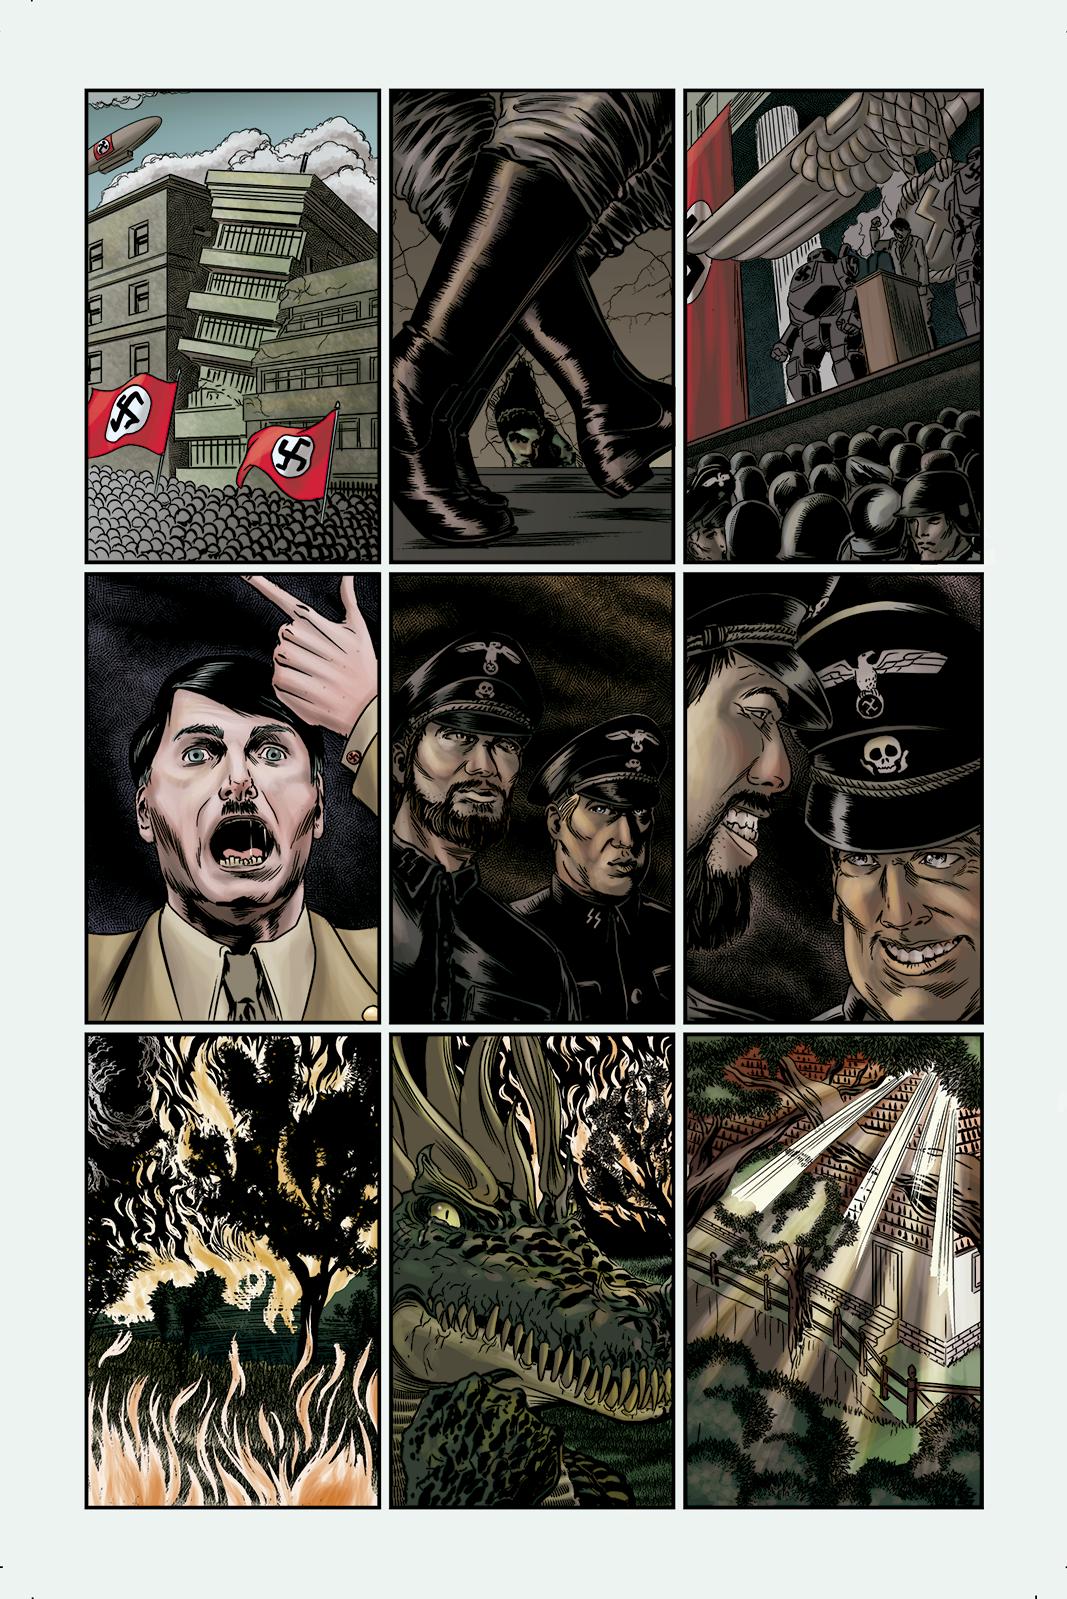 """Página 1 de """"E.M.1 L 1.4"""", da antologia RANCHO DO CORVO DOURADO, de 2019. Linhas e colorização."""